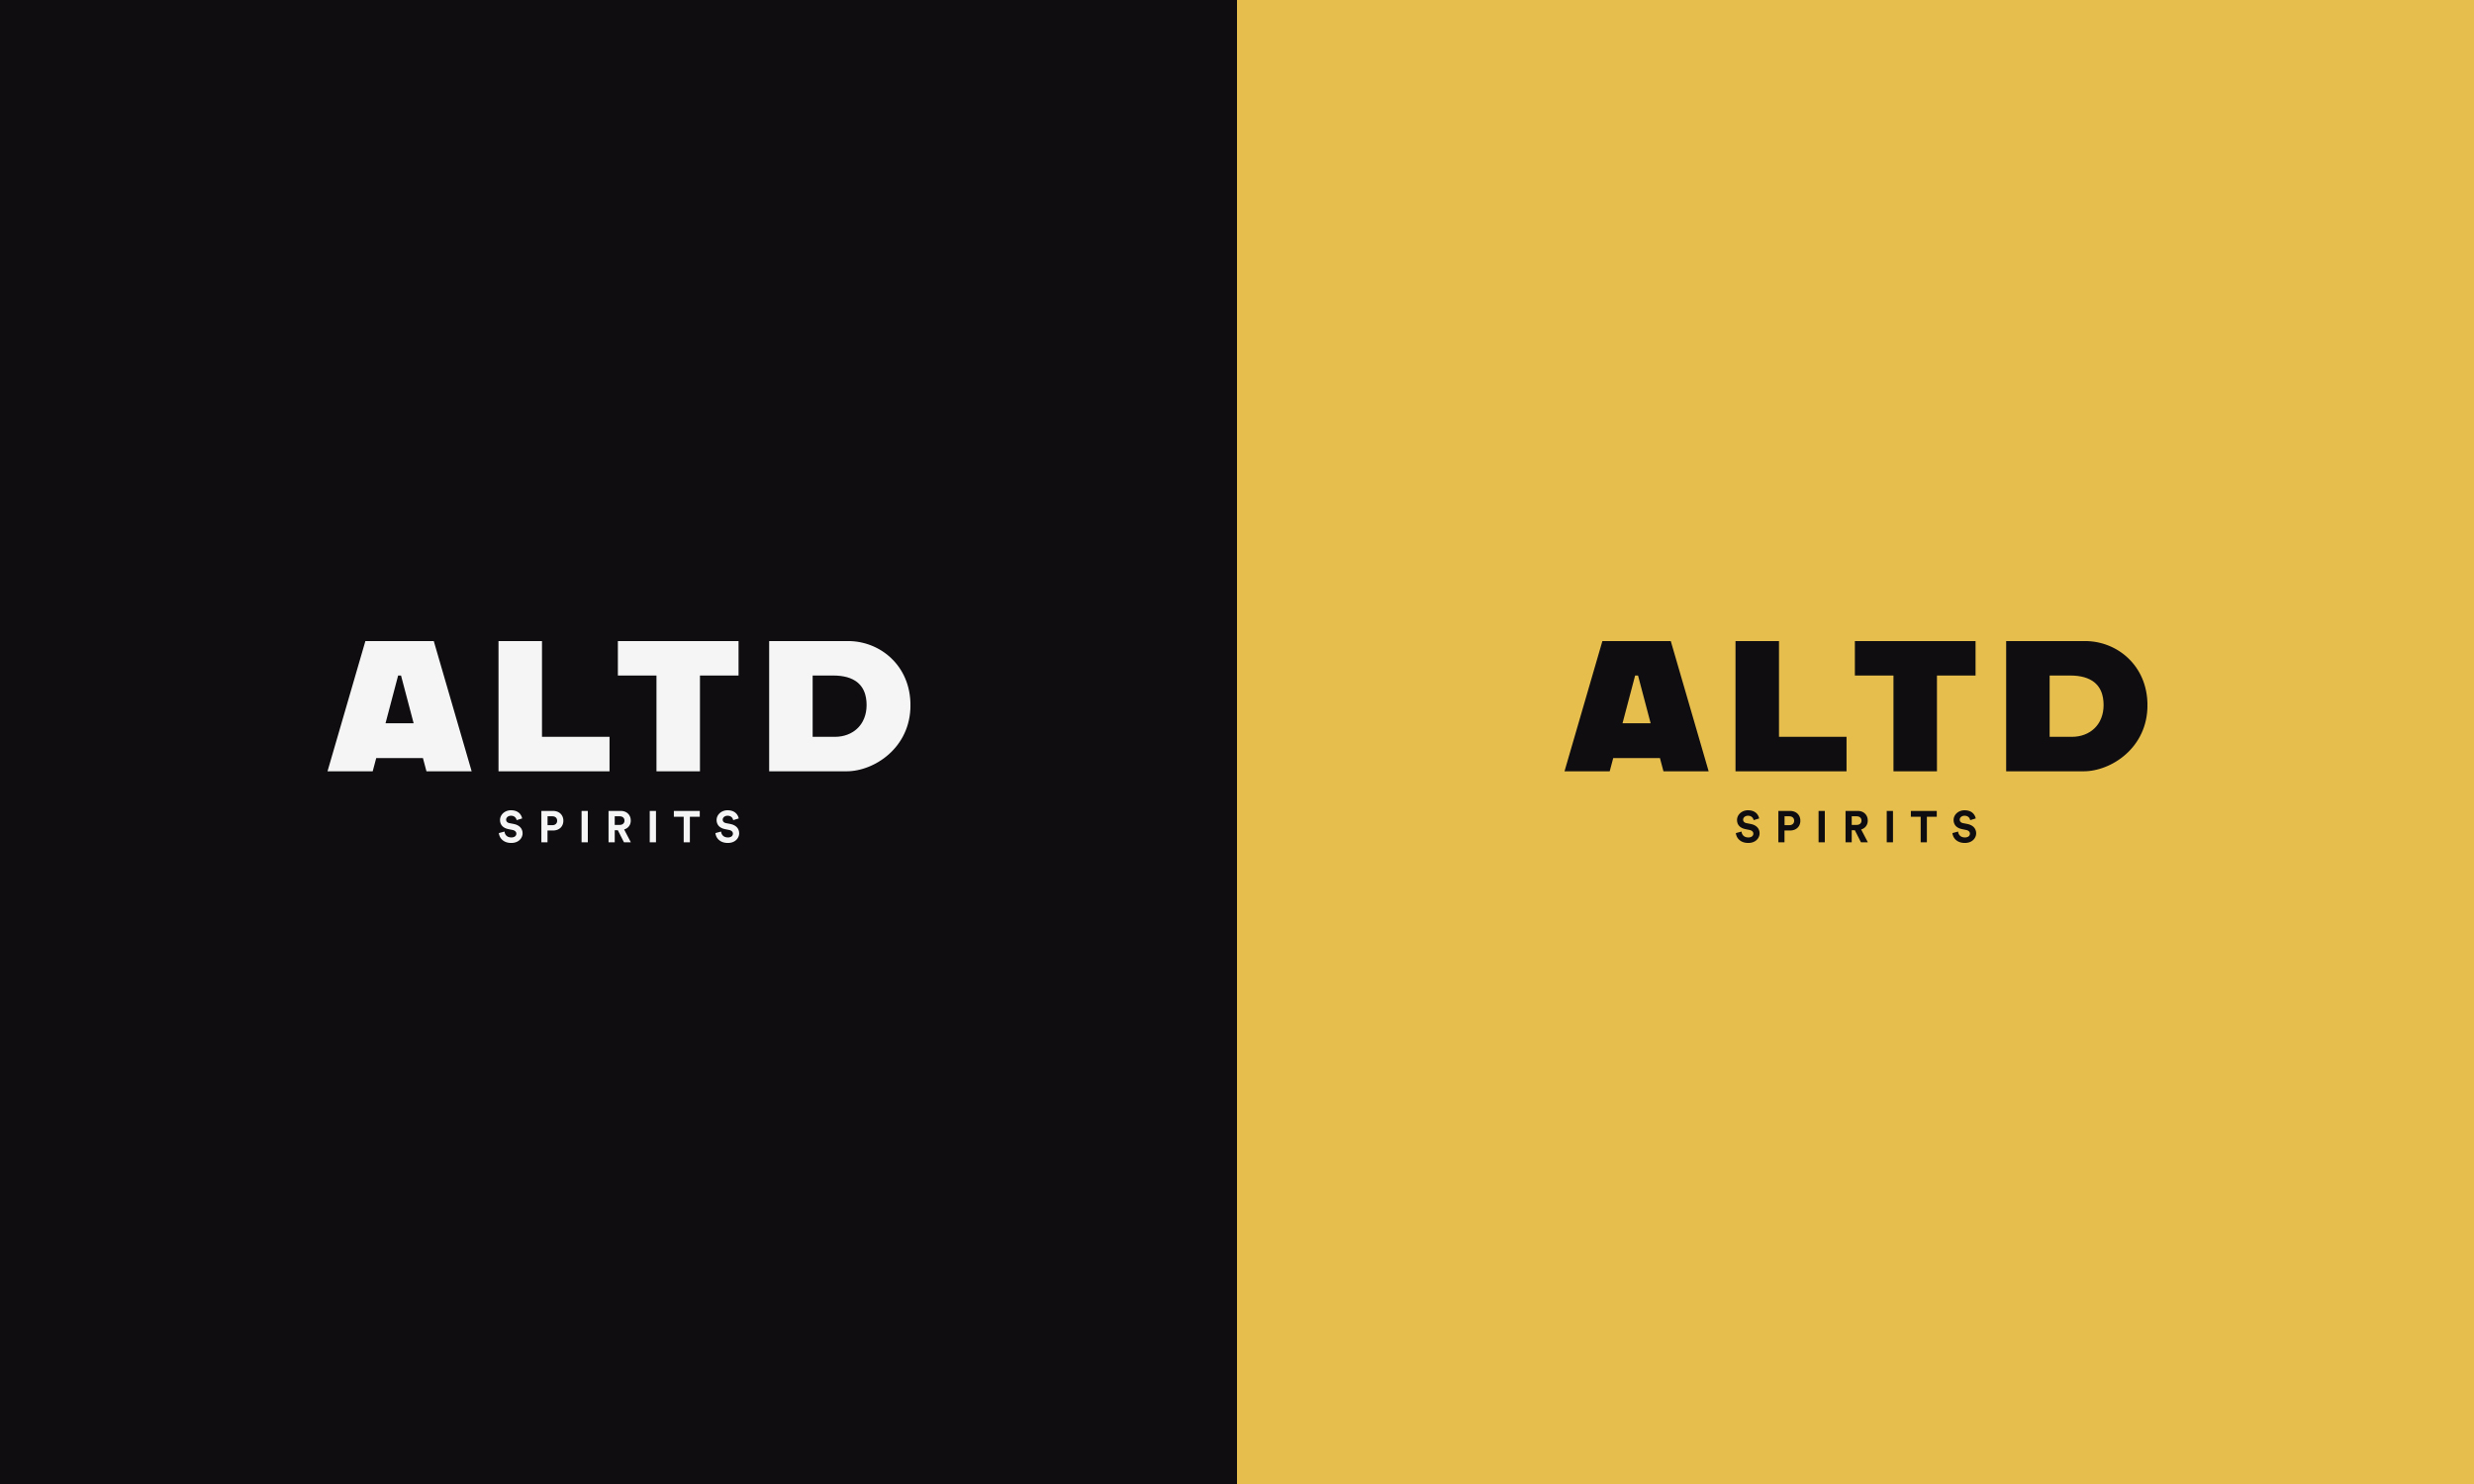 Nectar-&-Co-ALTD-Spirits-Logo-Alternate.jpg